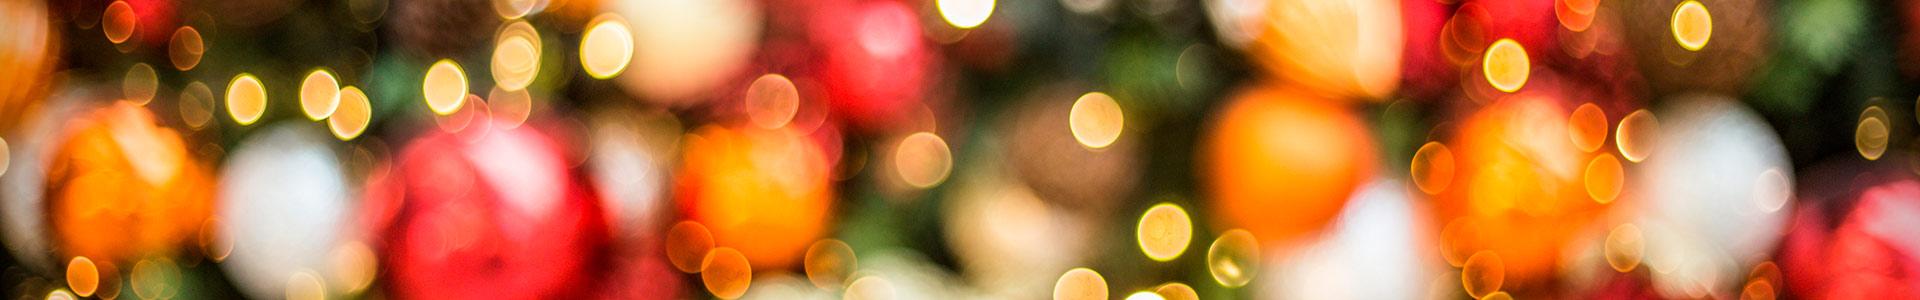 Os deseamos una  Gran Navidad